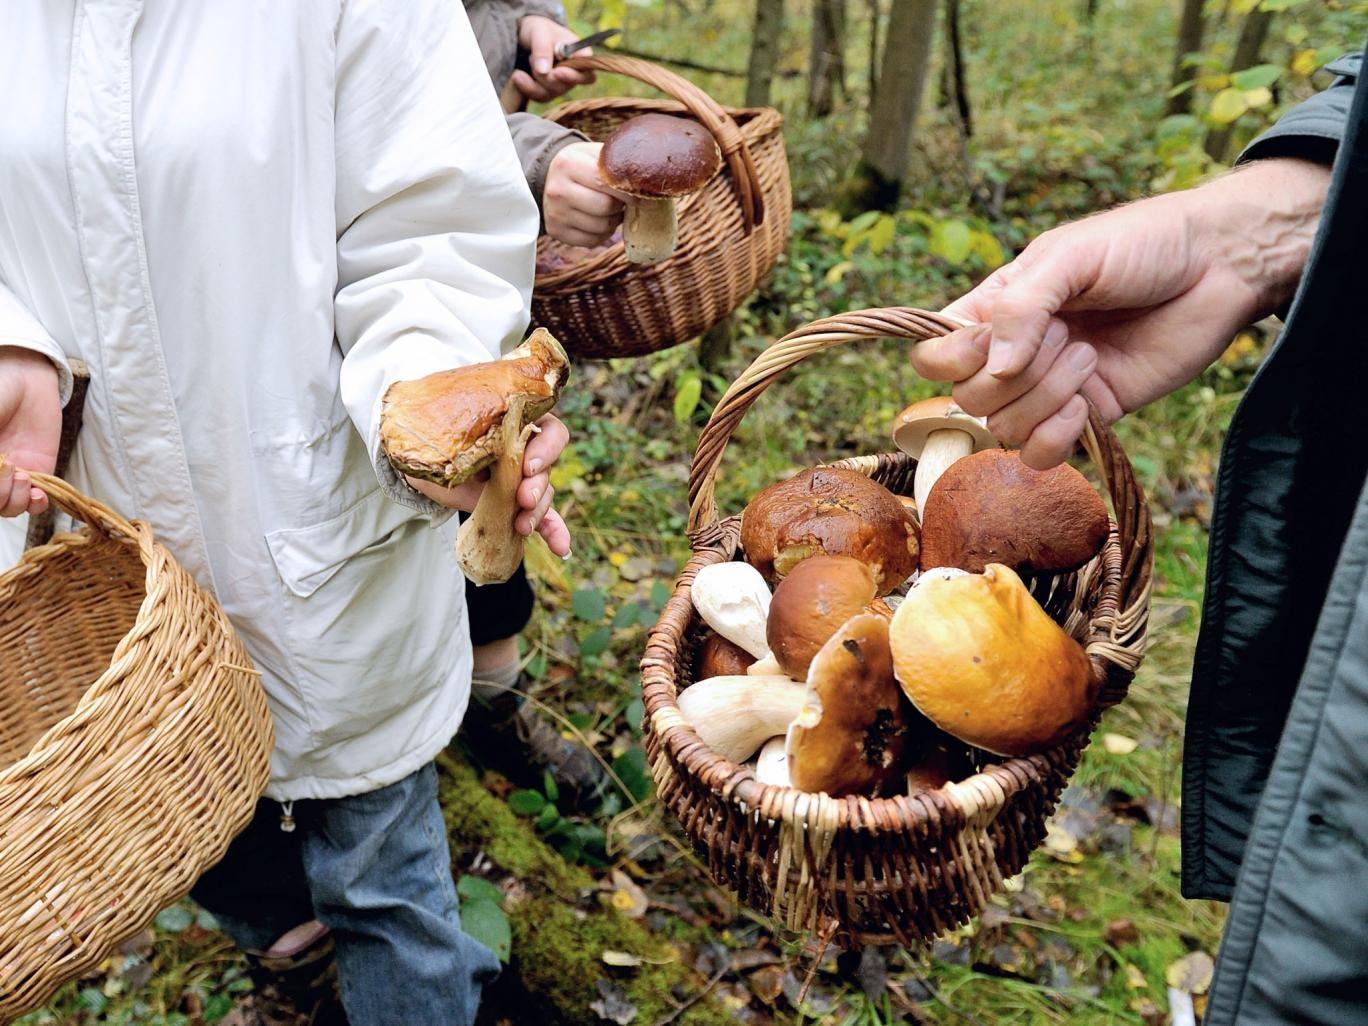 Harvest time: food festivals include mushroom hunts